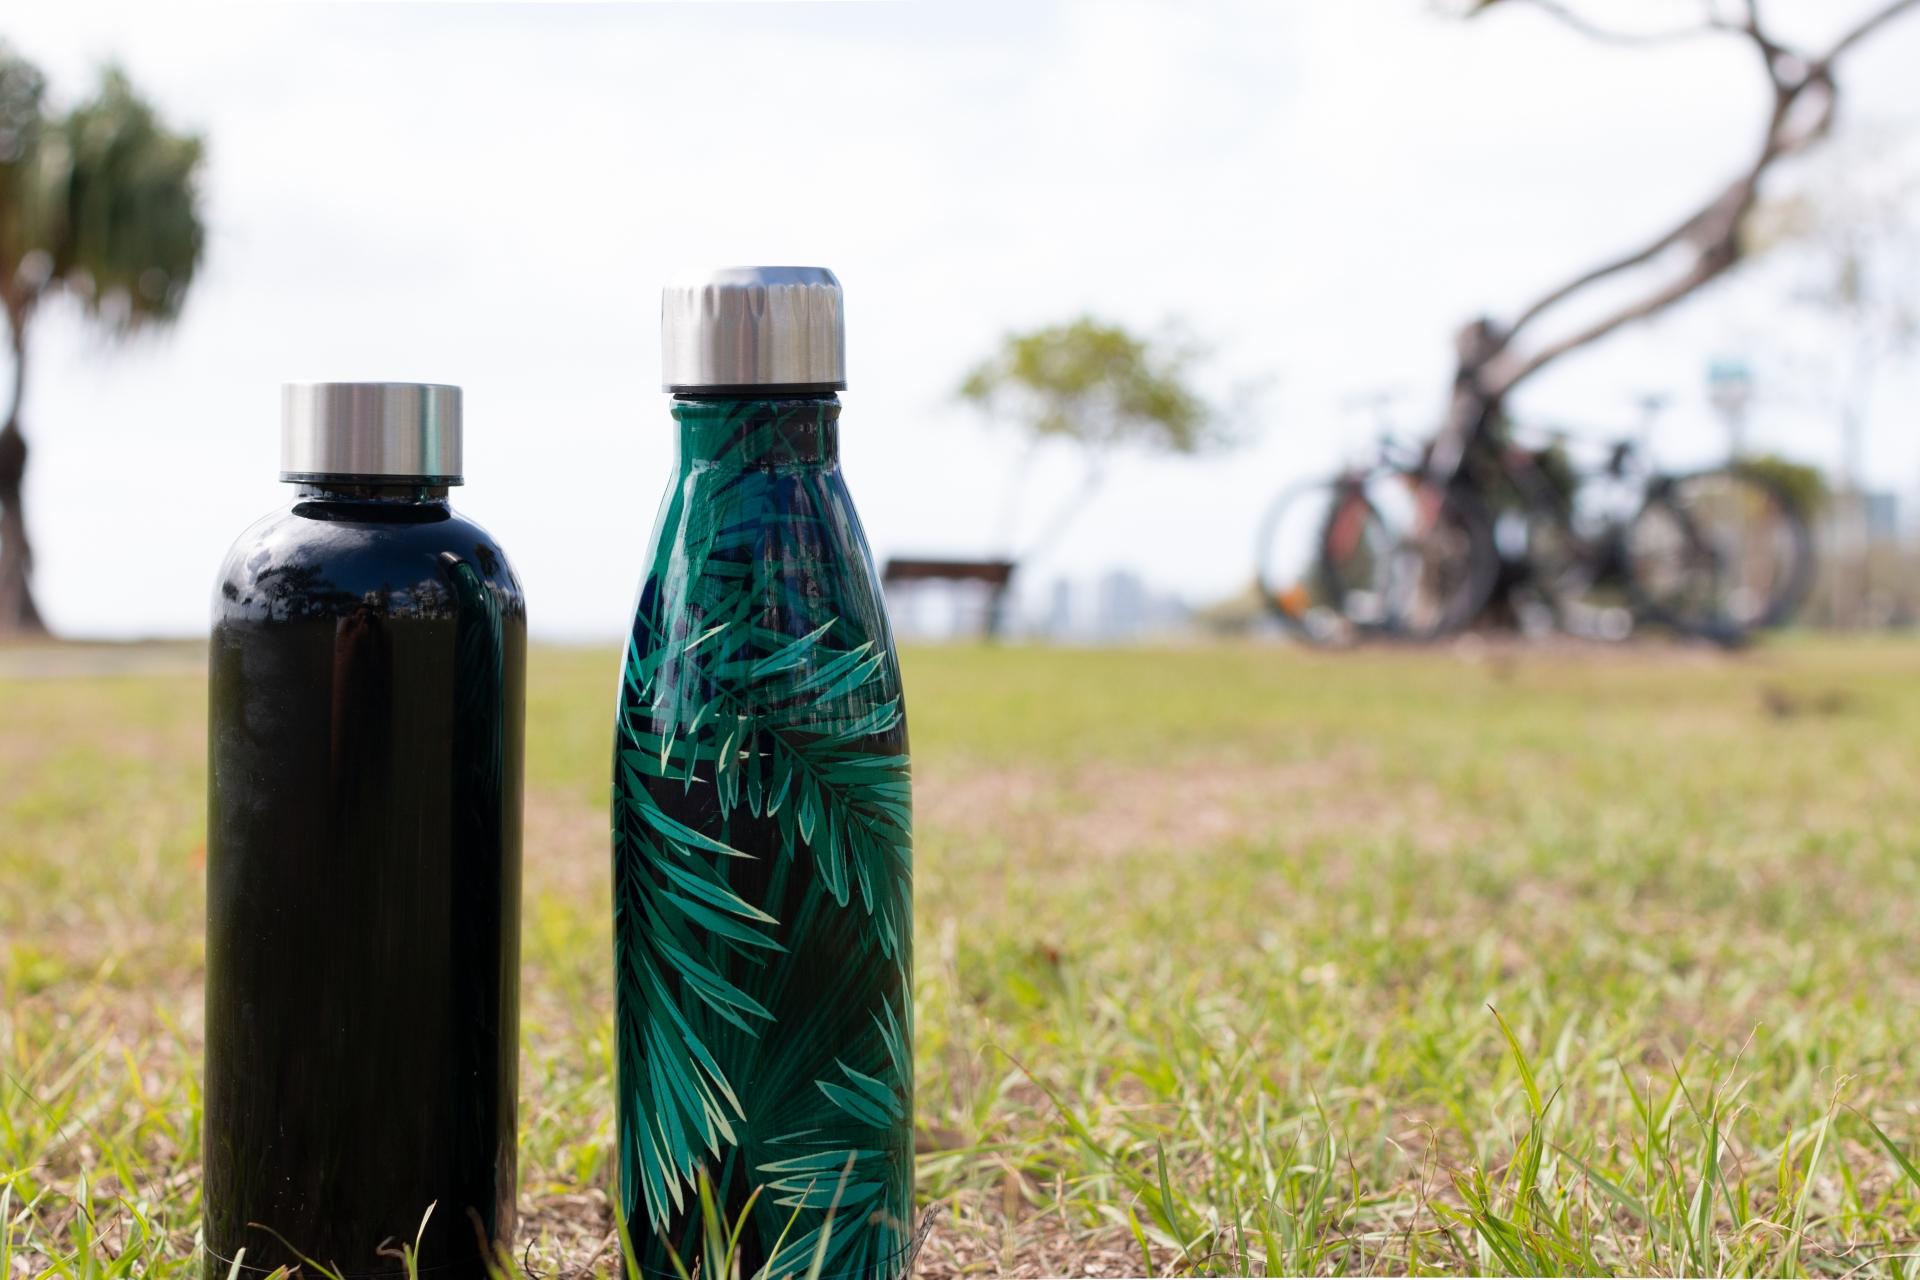 滋賀県と象印マホービンが協力してごみの削減・省エネ推進 環境関連分野での連携協定締結